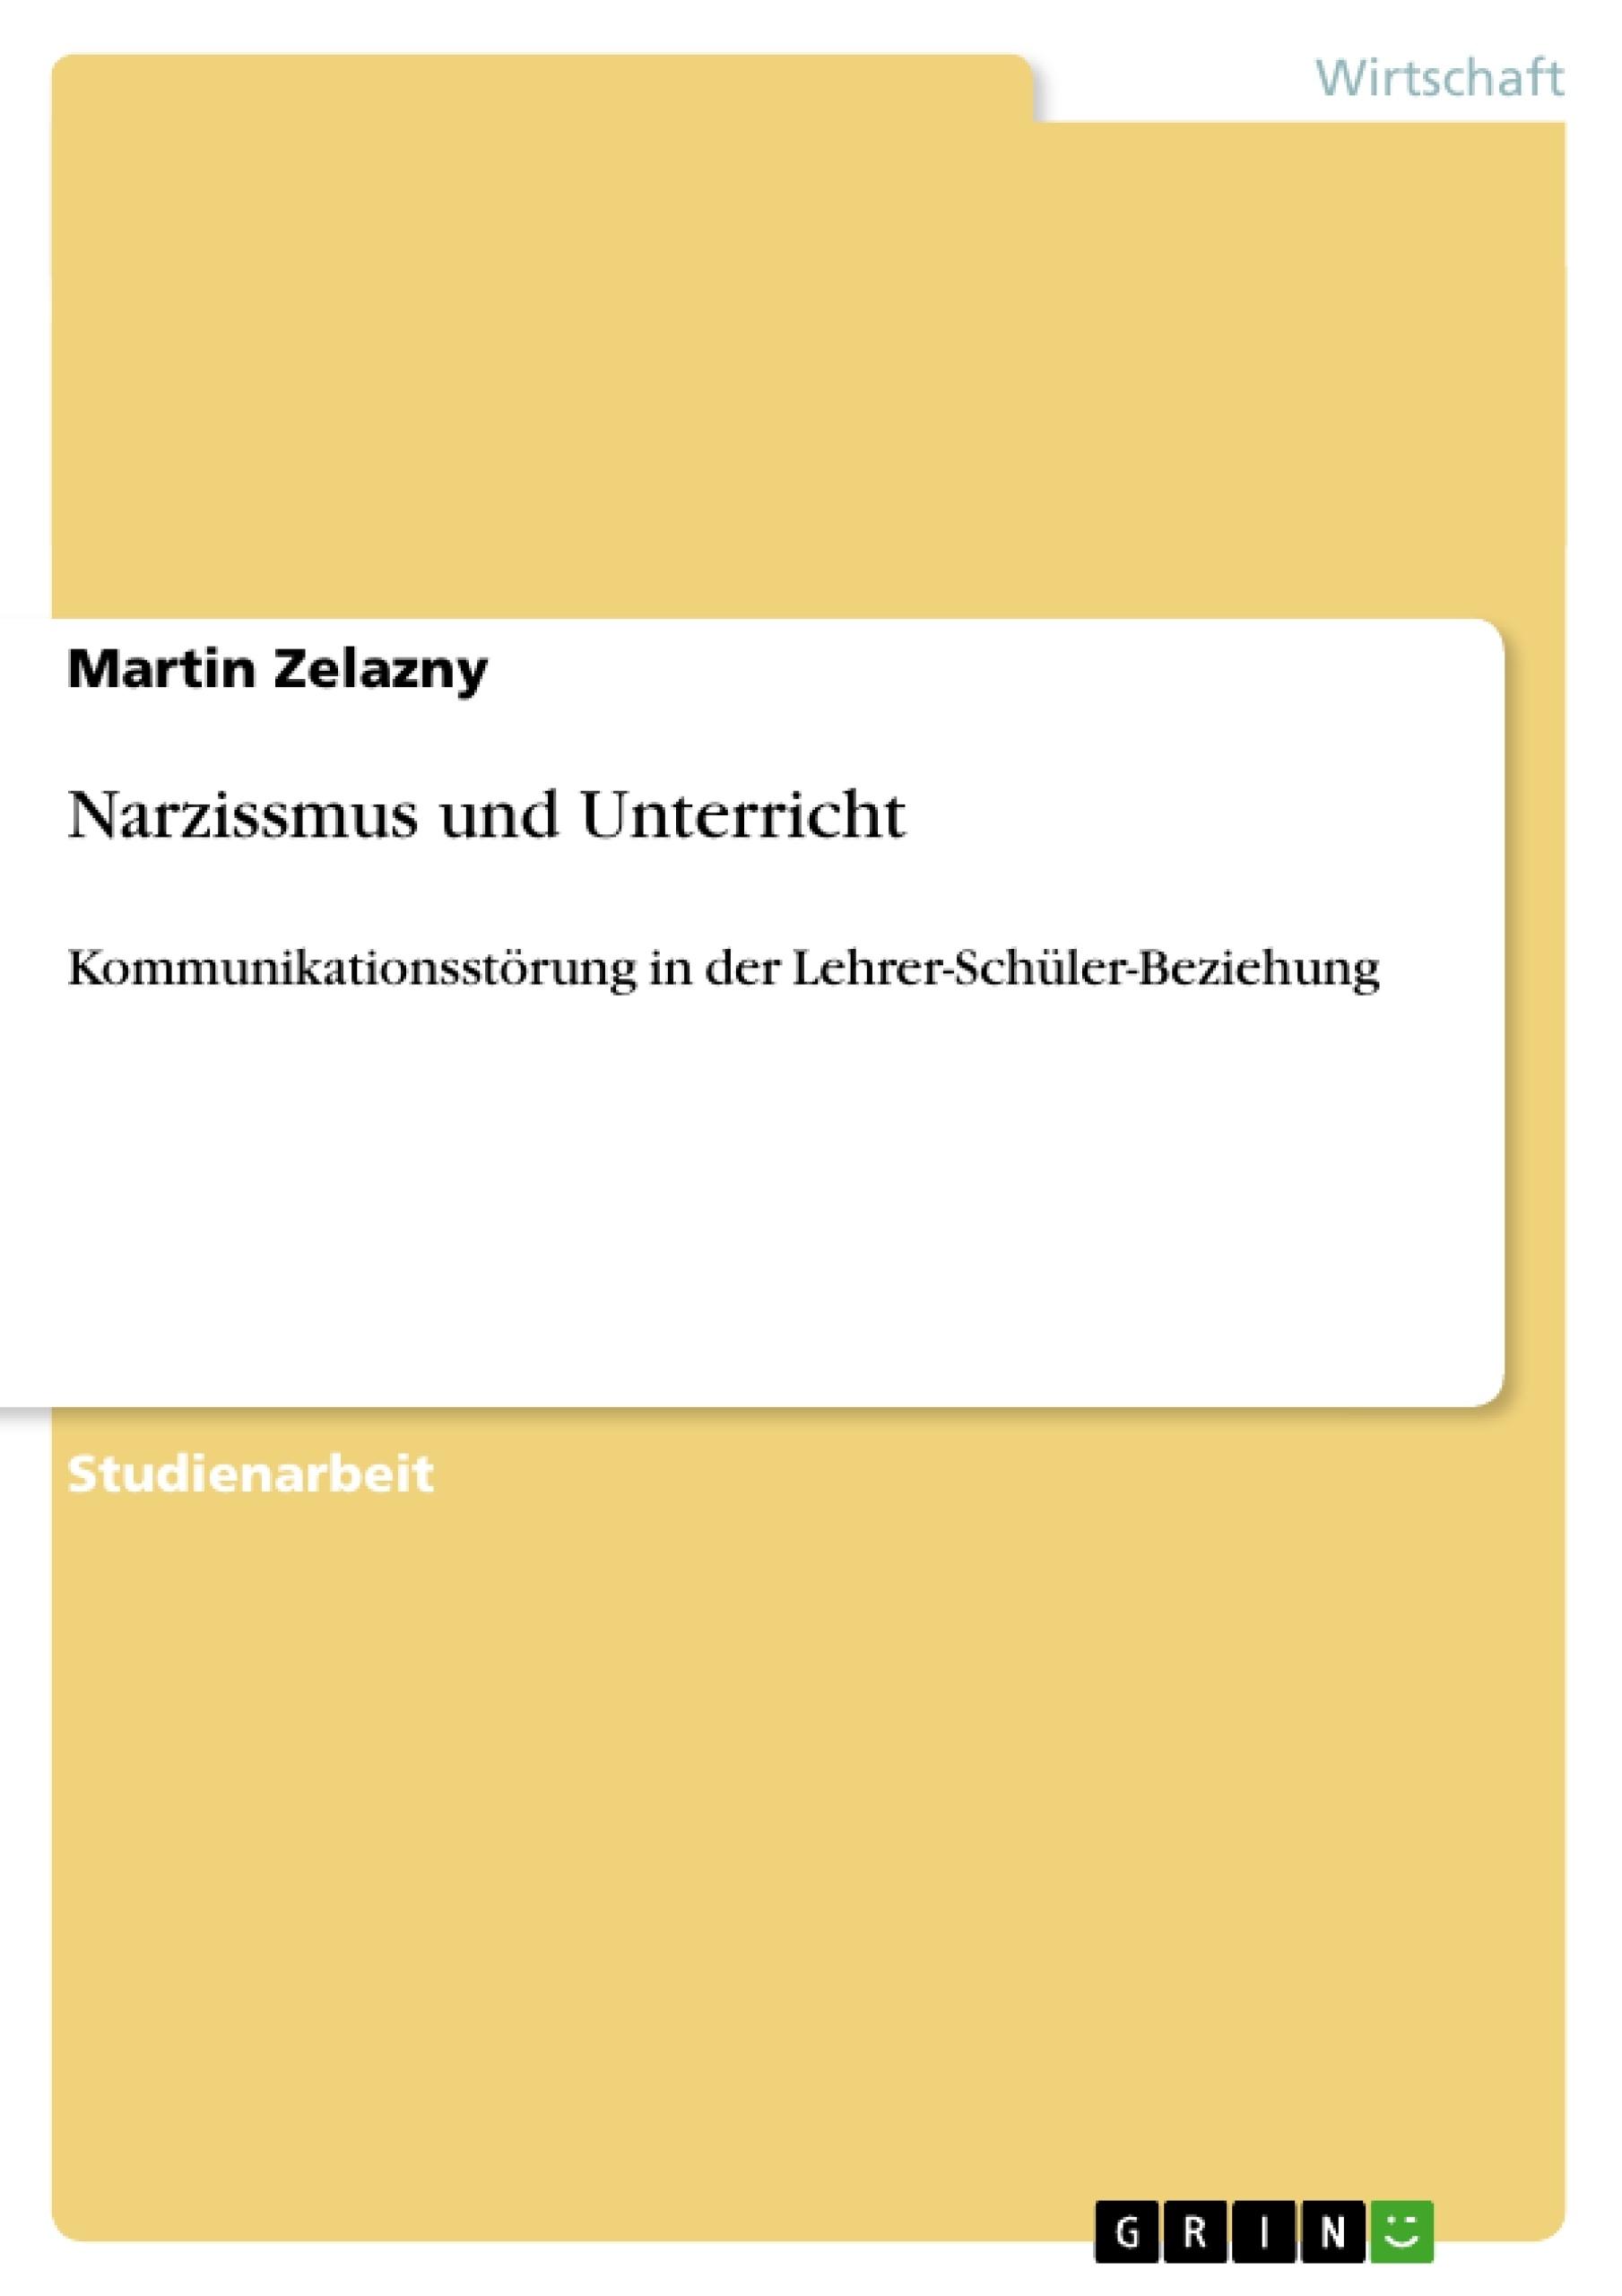 Symptome narzissmus Narzisstische Persönlichkeitsstörung: